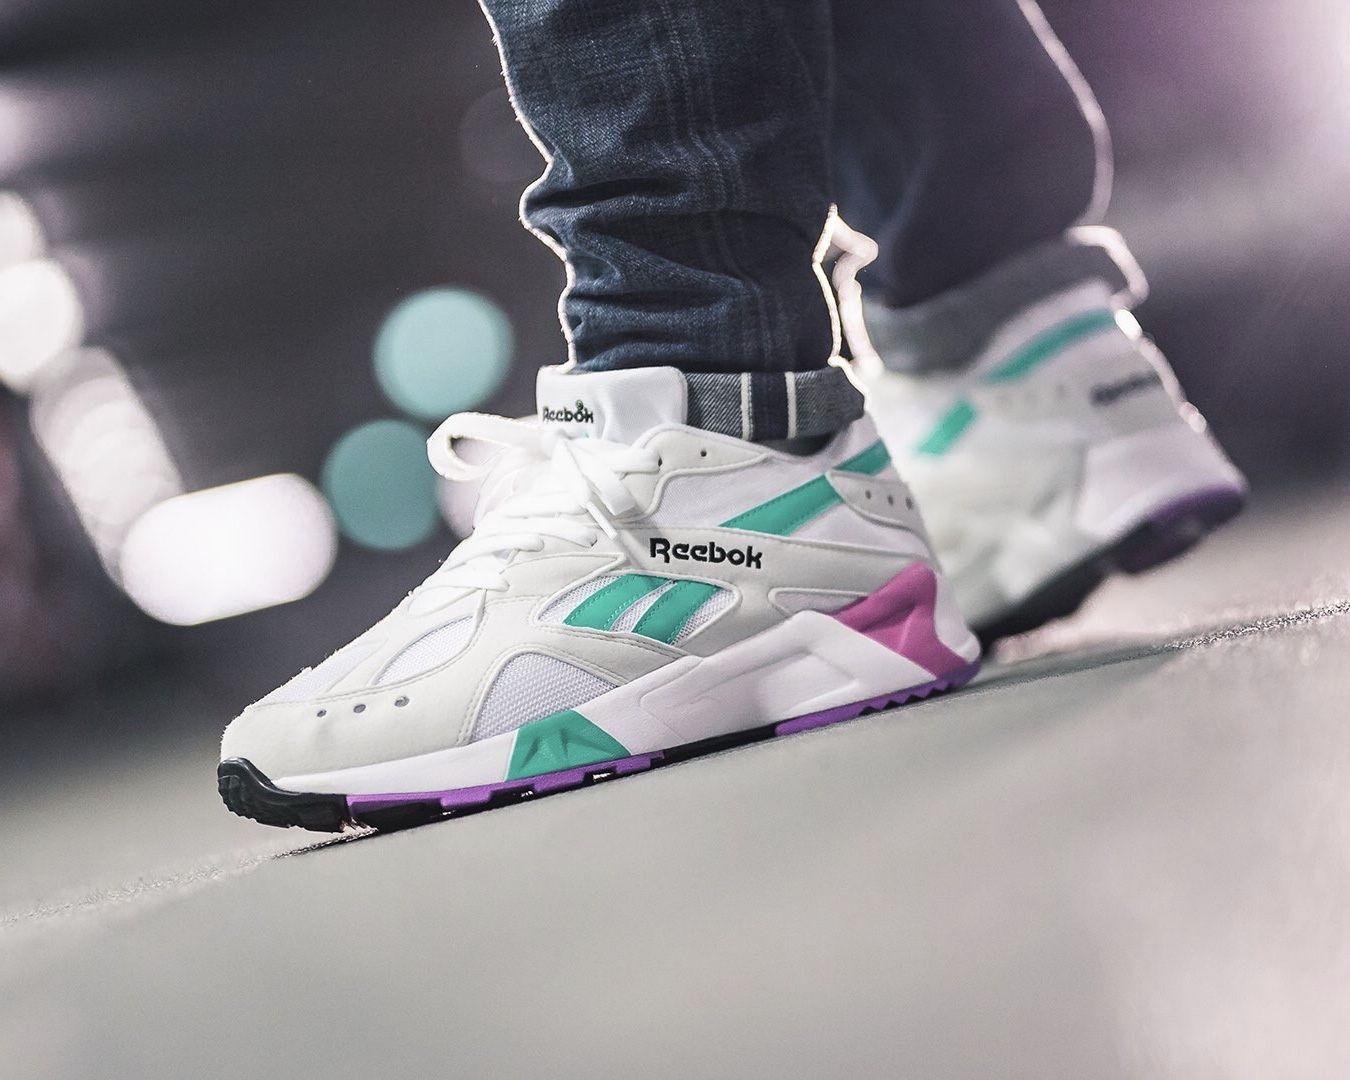 a10f6c10cd6 Reebok Aztrek | Amazing Shoes in 2019 | Sneakers, Shoes, Reebok